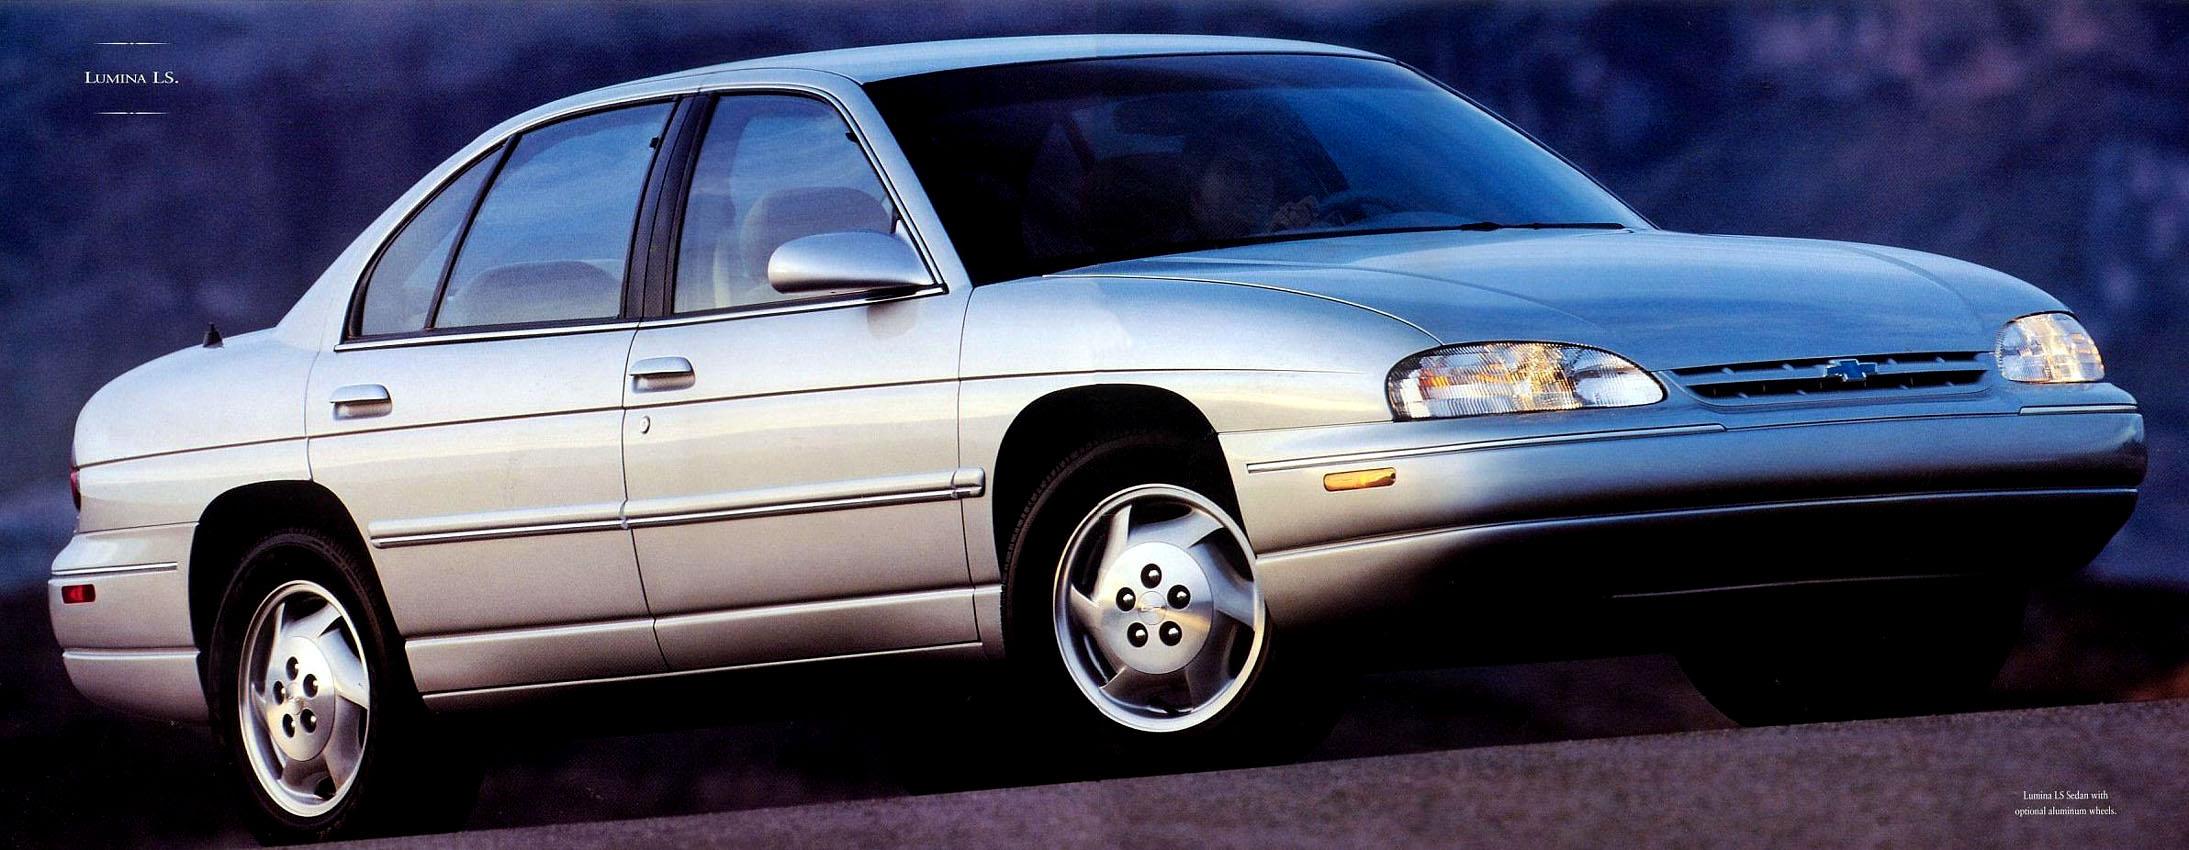 6 moreover 54cvm besides 1451 2010 Chevrolet Impala 1 additionally Chevrolet Vectra Colores 05 also Chevrolet Impala 2014 Pics 275747. on chevrolet